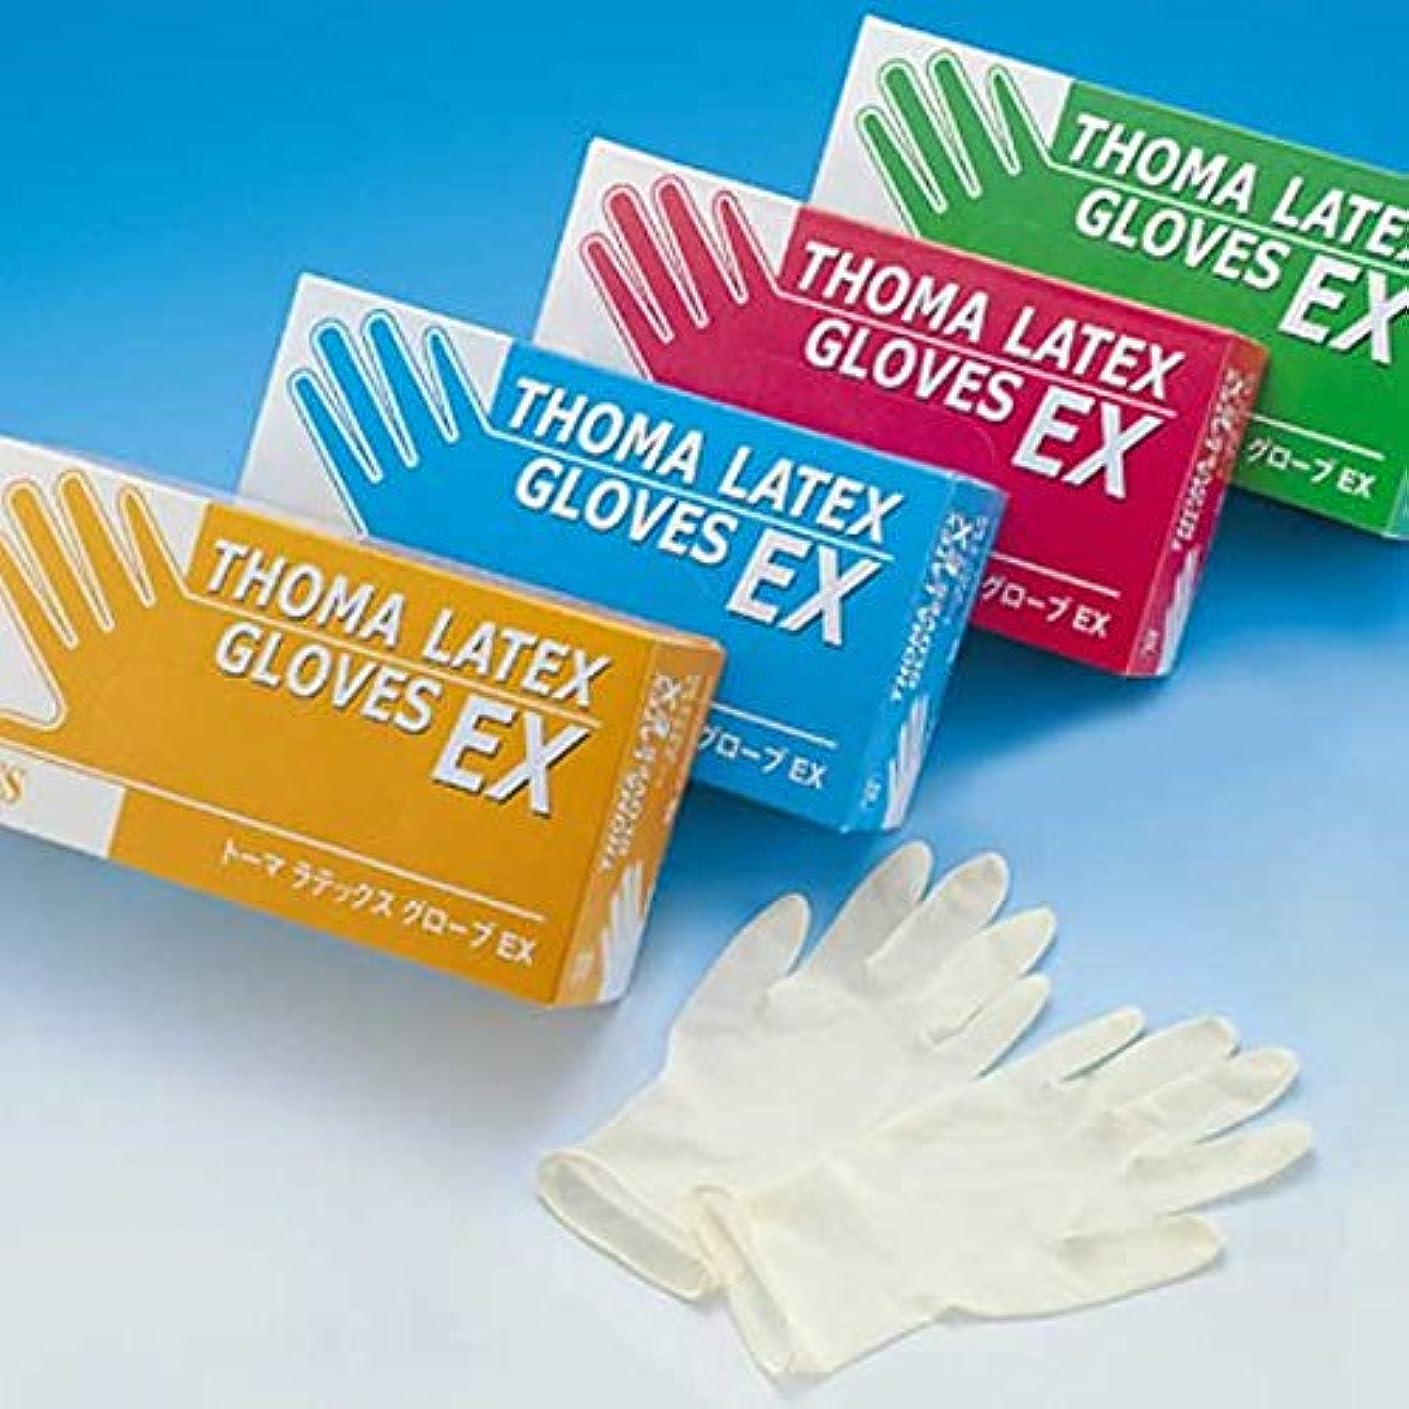 豪華な見て原油トーマラテックス手袋EX 天然ゴム 使い捨て手袋 粉つき2000枚 (100枚入り×20箱)まとめ買い (S)